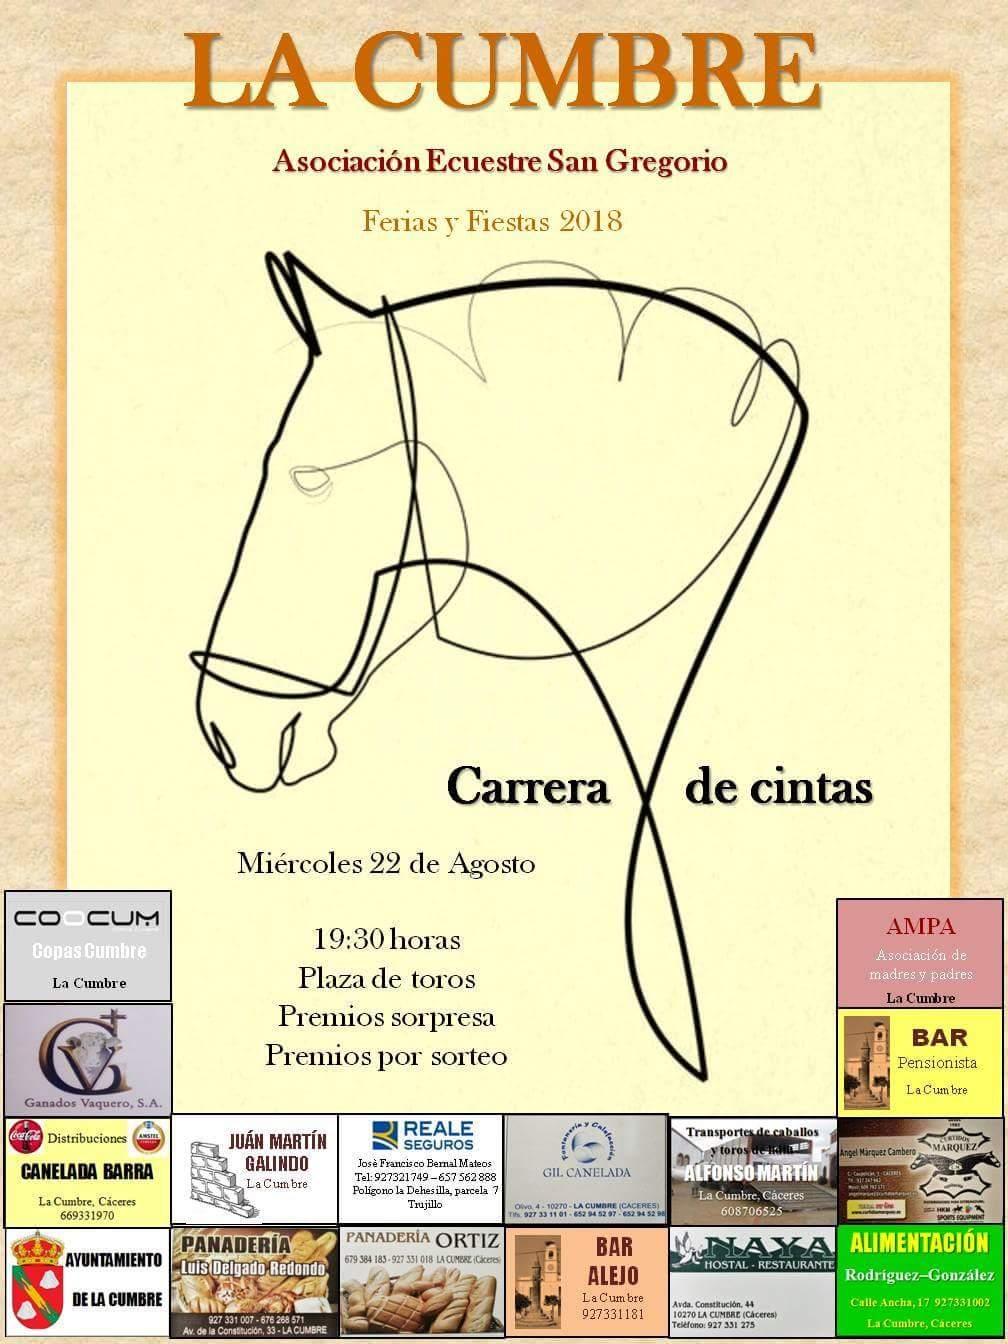 Carrera de cintas 2018 - La Cumbre (Cáceres)